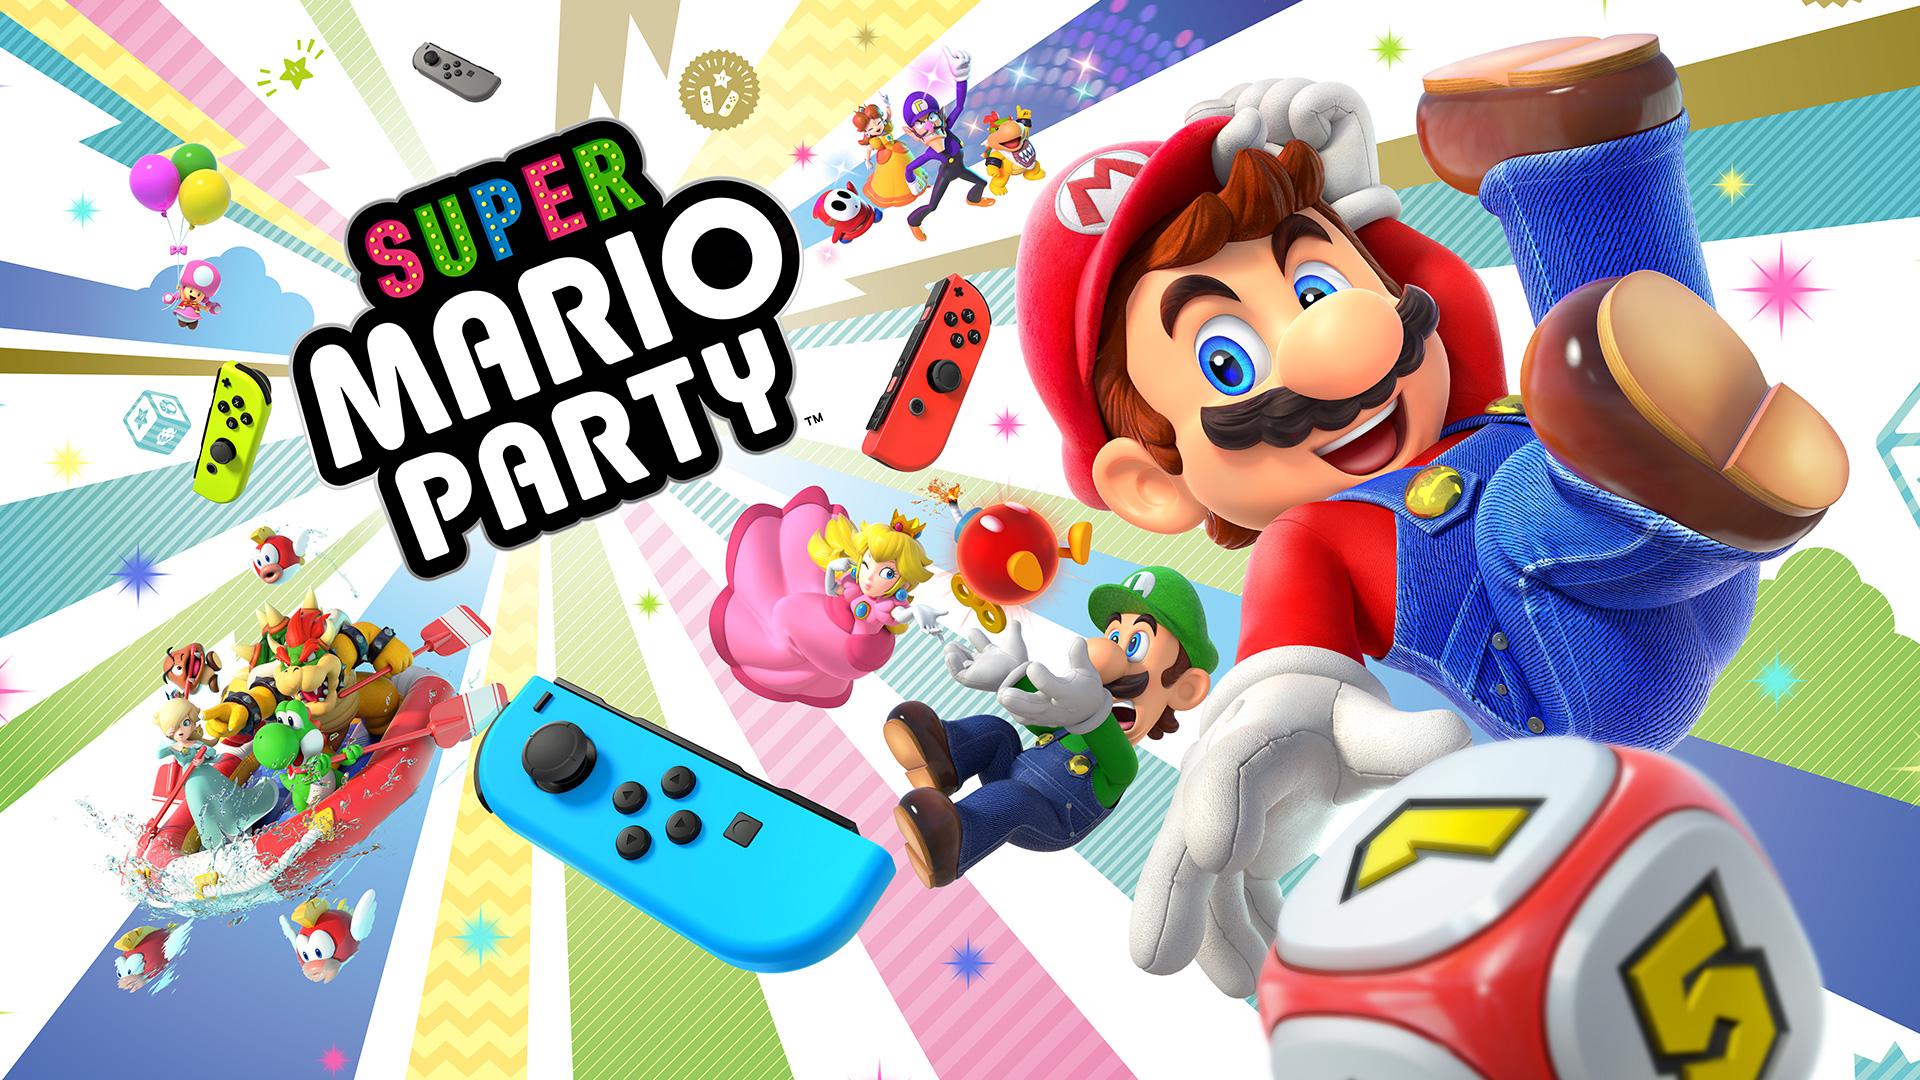 Super Mario Party Nintendo Switch Eshop Download